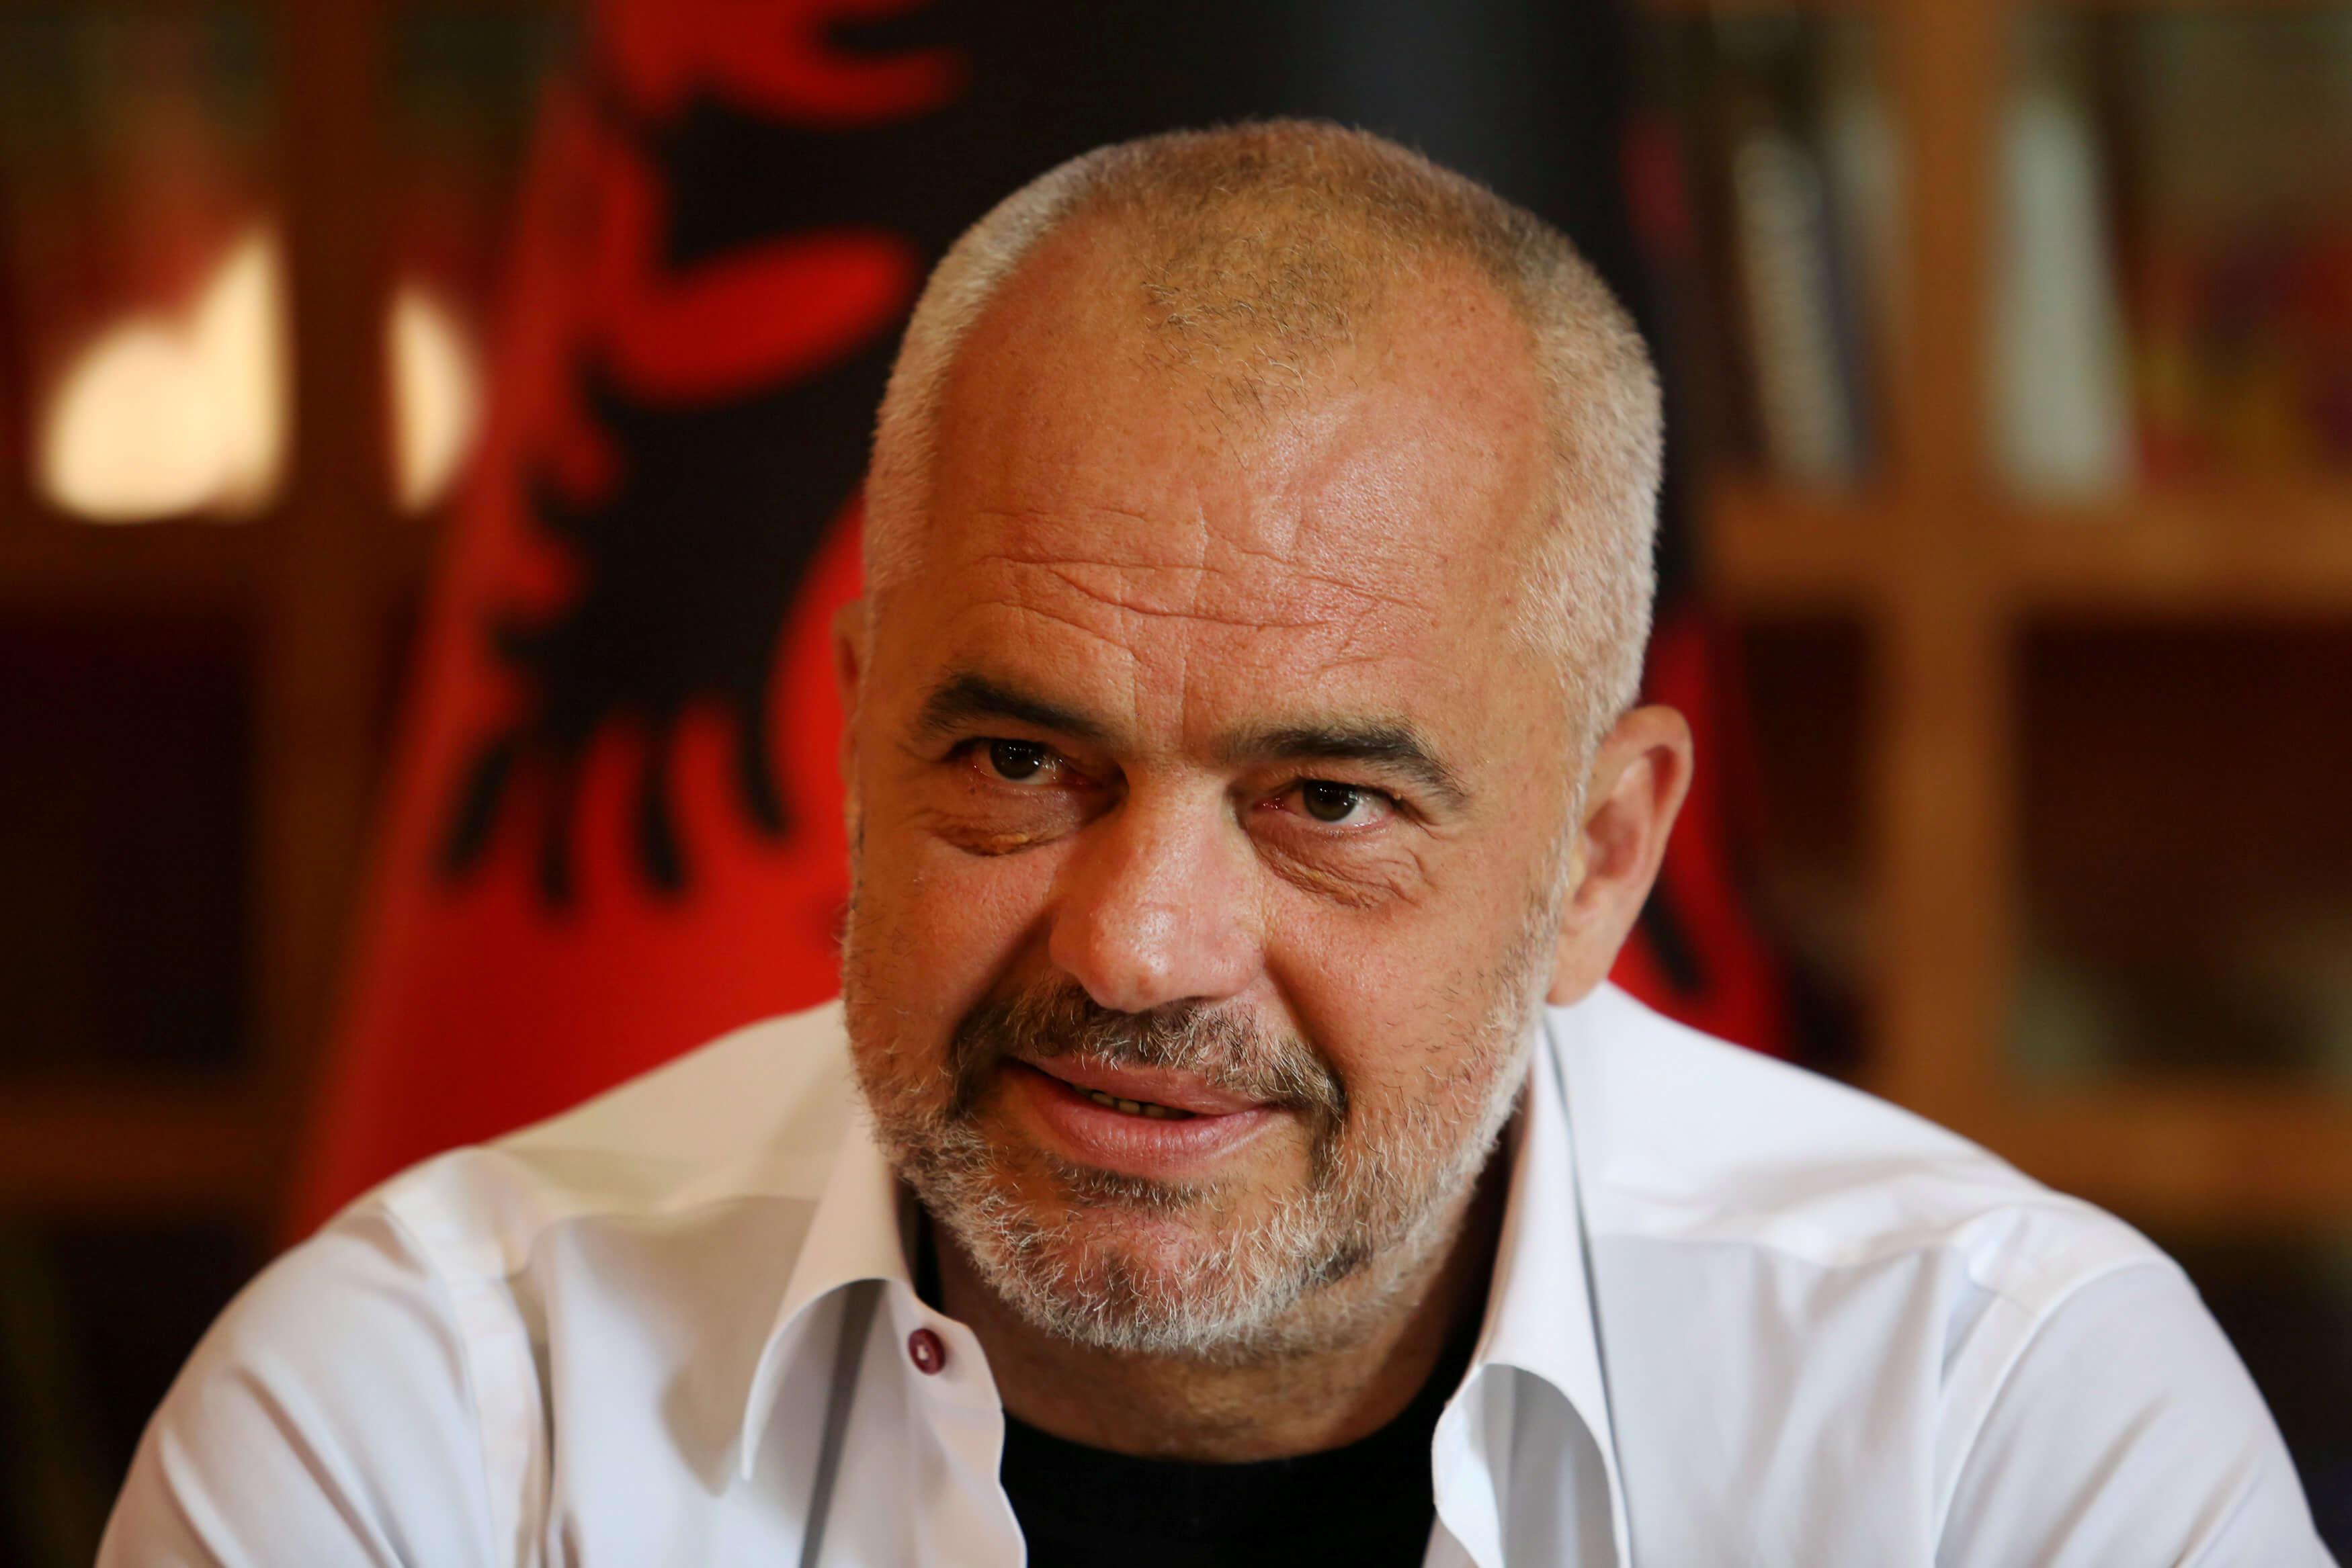 Ράμα: Μέρος της Αλβανίας το Κοσσυφοπέδιο – Συζητάμε με την Ελλάδα για τα σύνορα